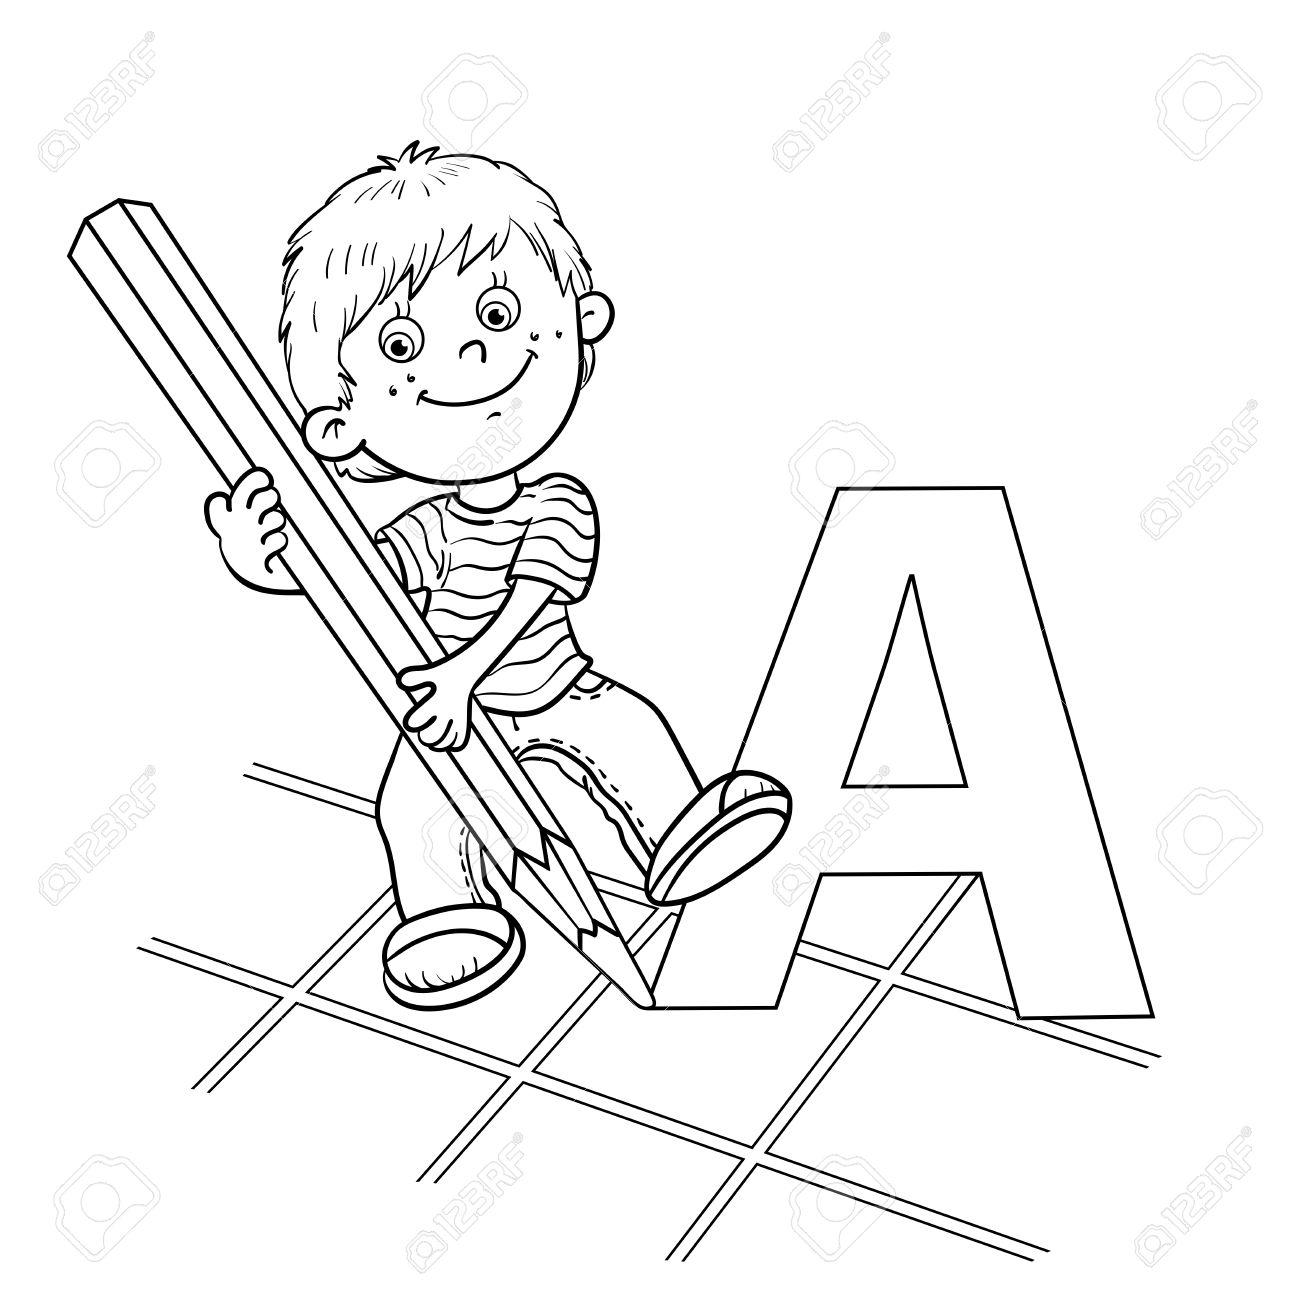 Esquema Página Para Colorear De Un Niño De Dibujos Animados Dibujo ...